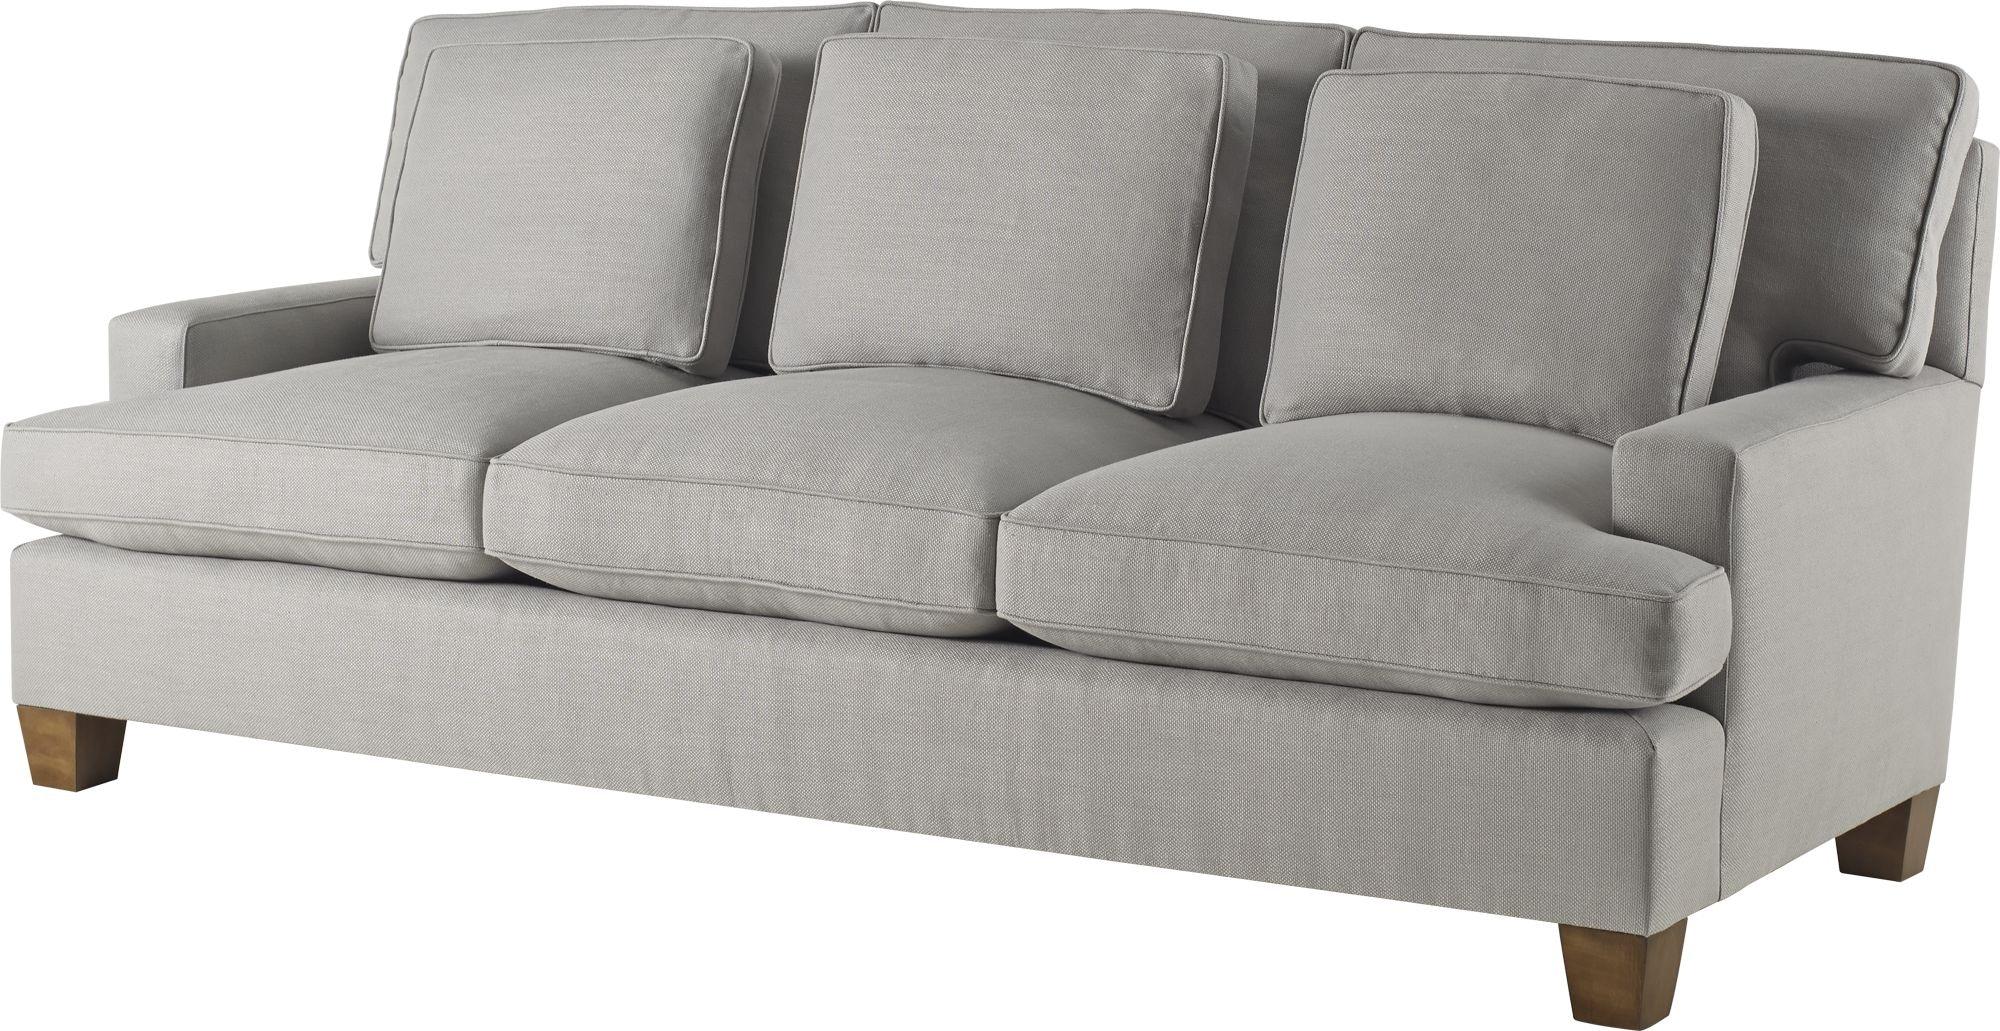 Baker Furniture Barbara Barry|Baker Designer Upholstery Modern Sofa 830 86